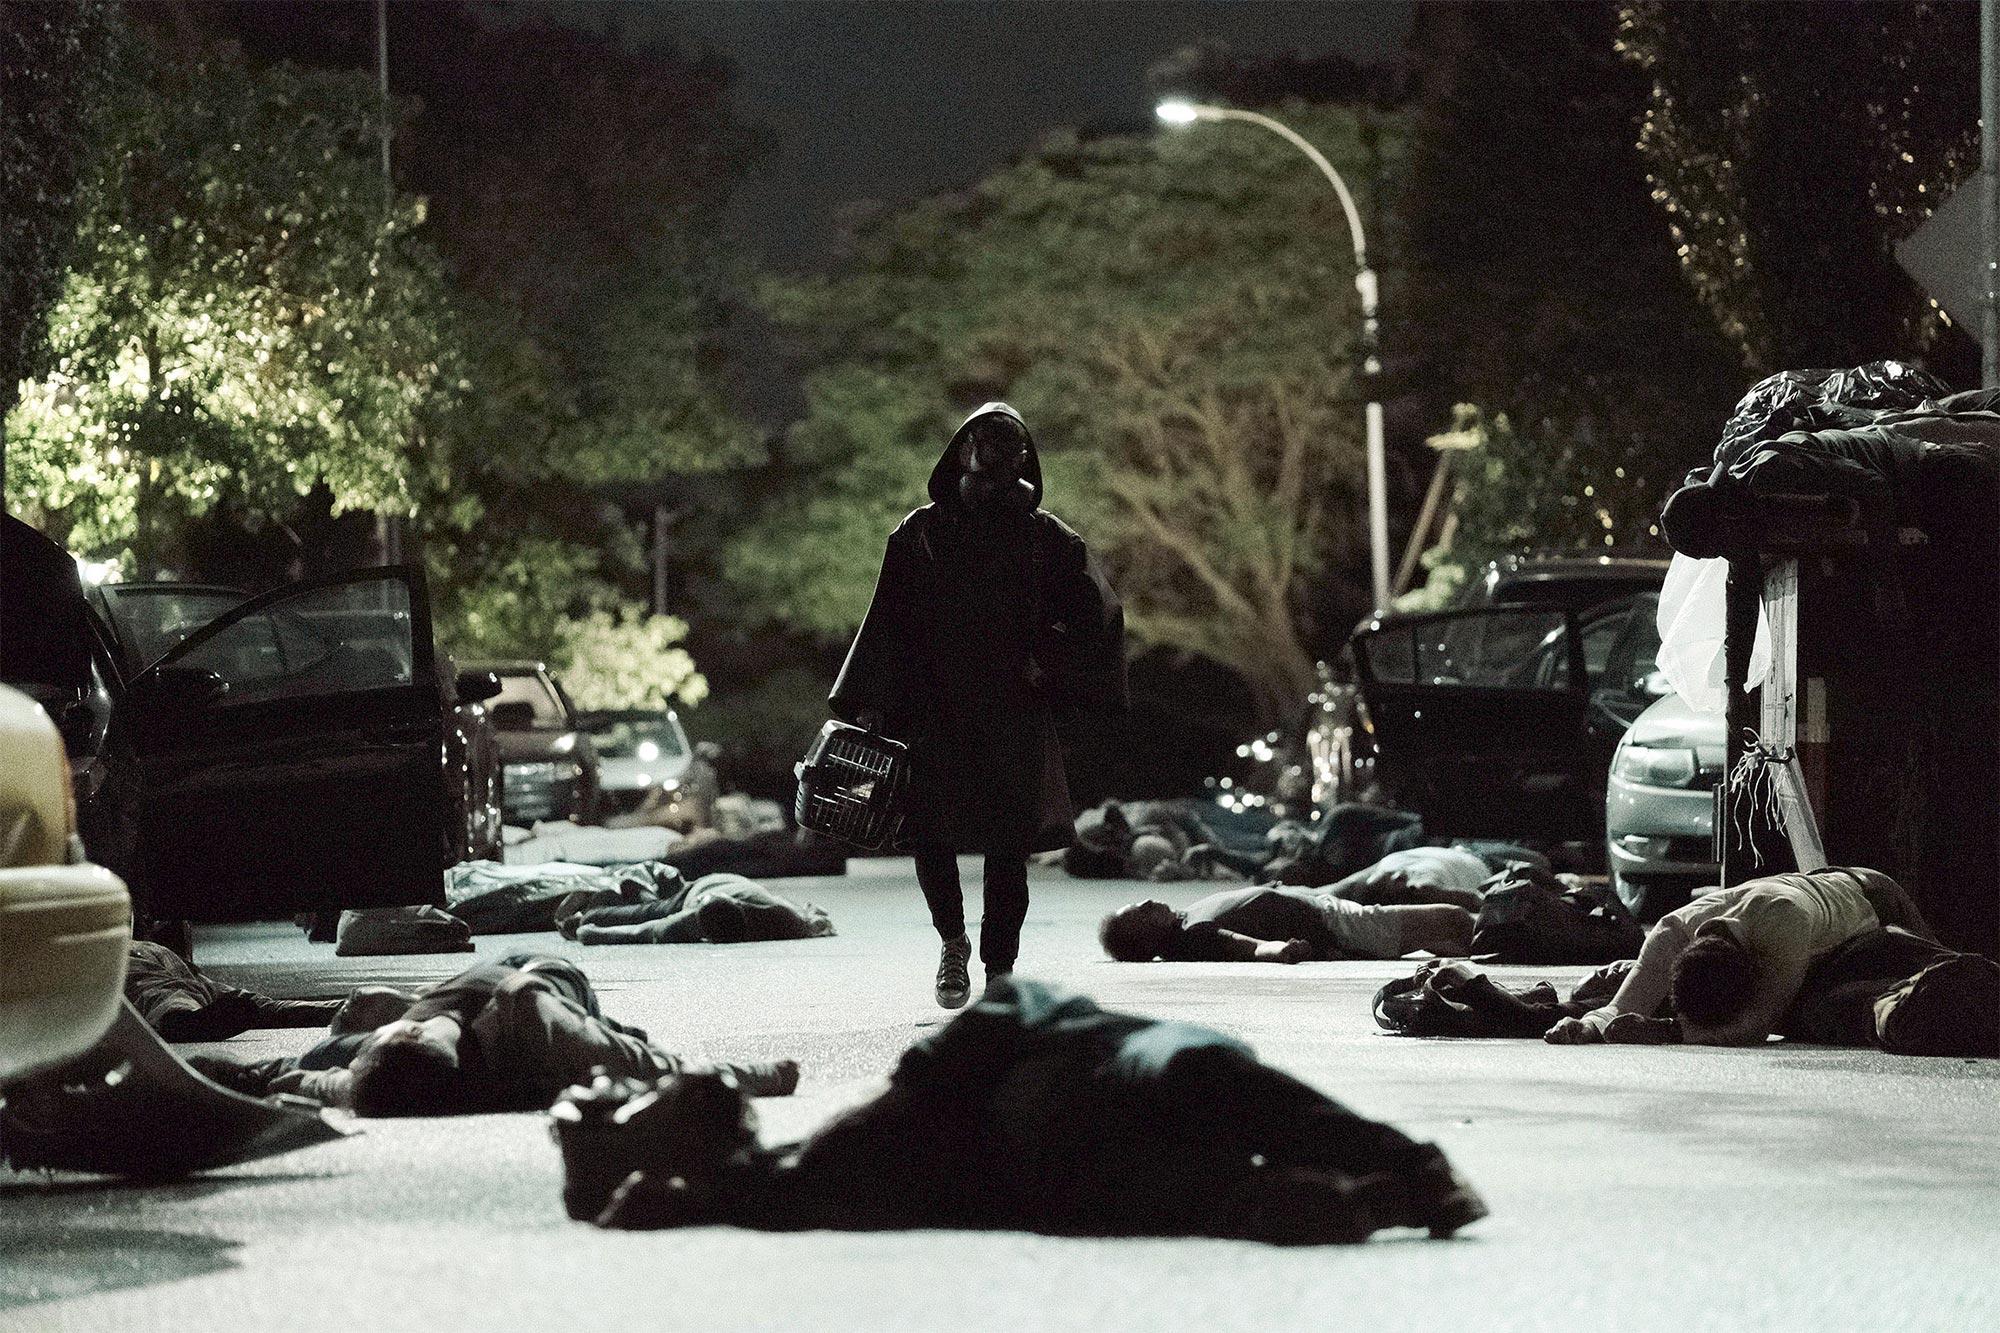 تریلر جدیدی که از سریال آخرالزمانی Y: The Last Man منتشر شده است، سریالی اورجینال که بر اساس یک سری کتاب کمیک به همین نام ساخته شده است.